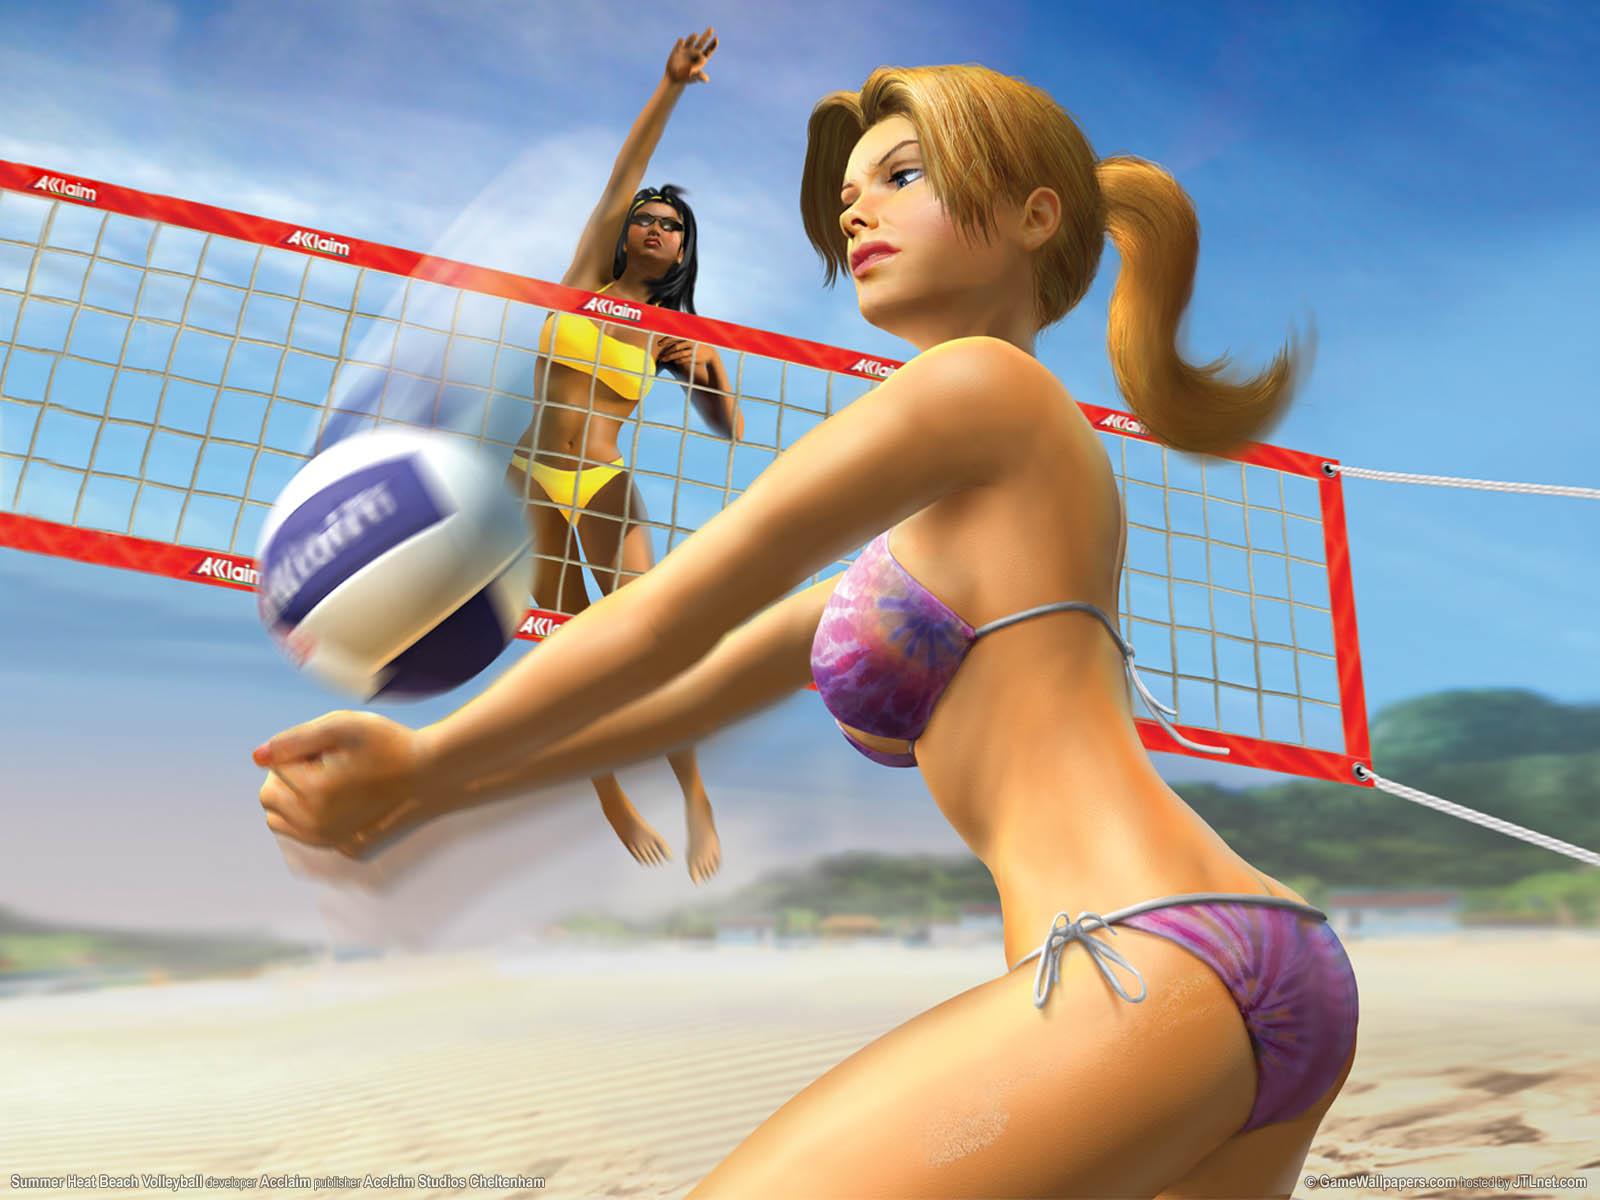 было волейбол только в картинках второй участнице